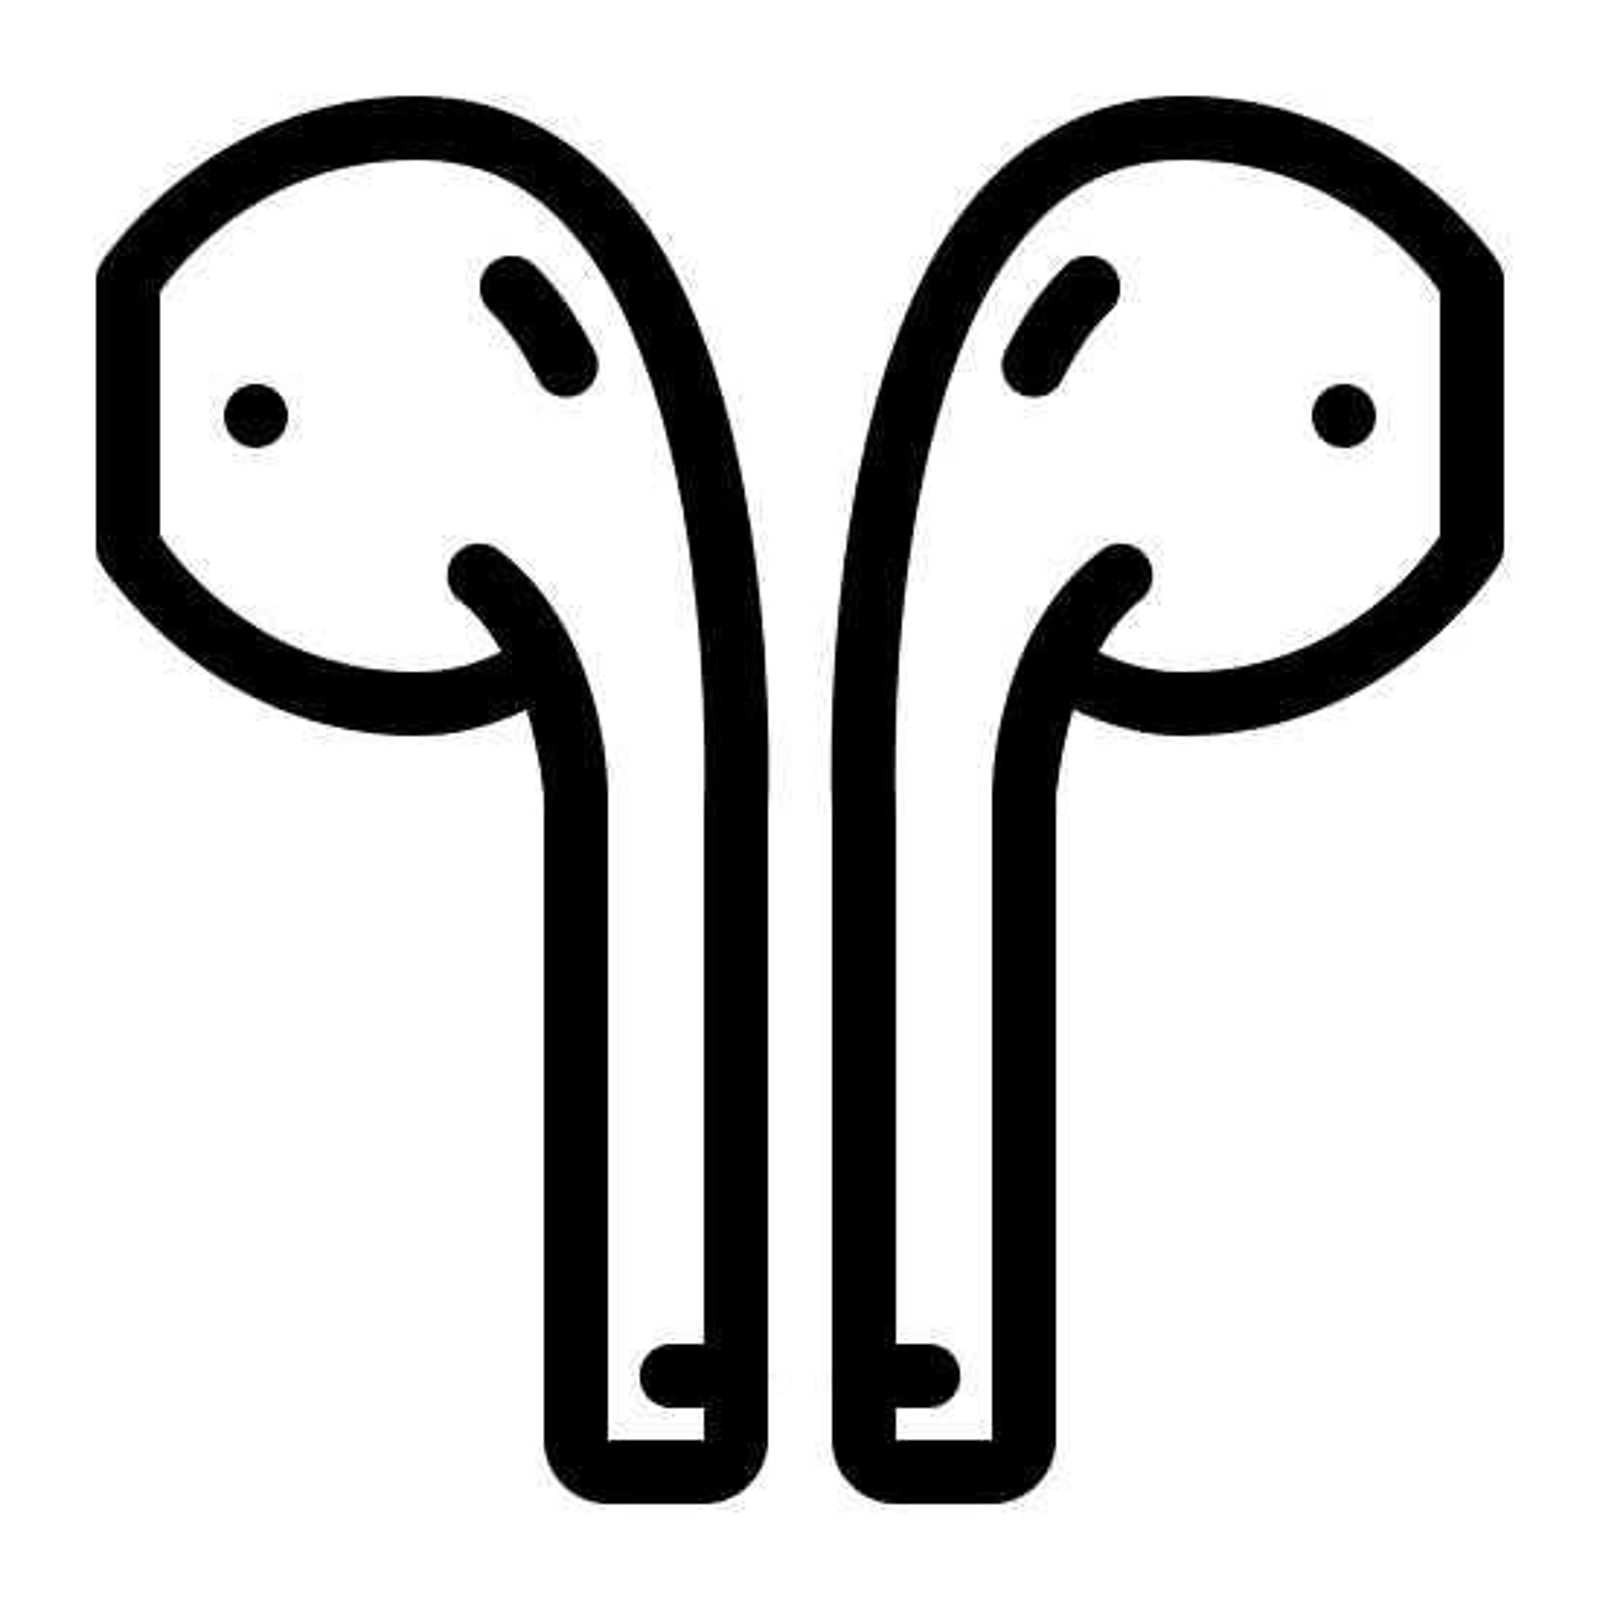 Earbud Headphones icon